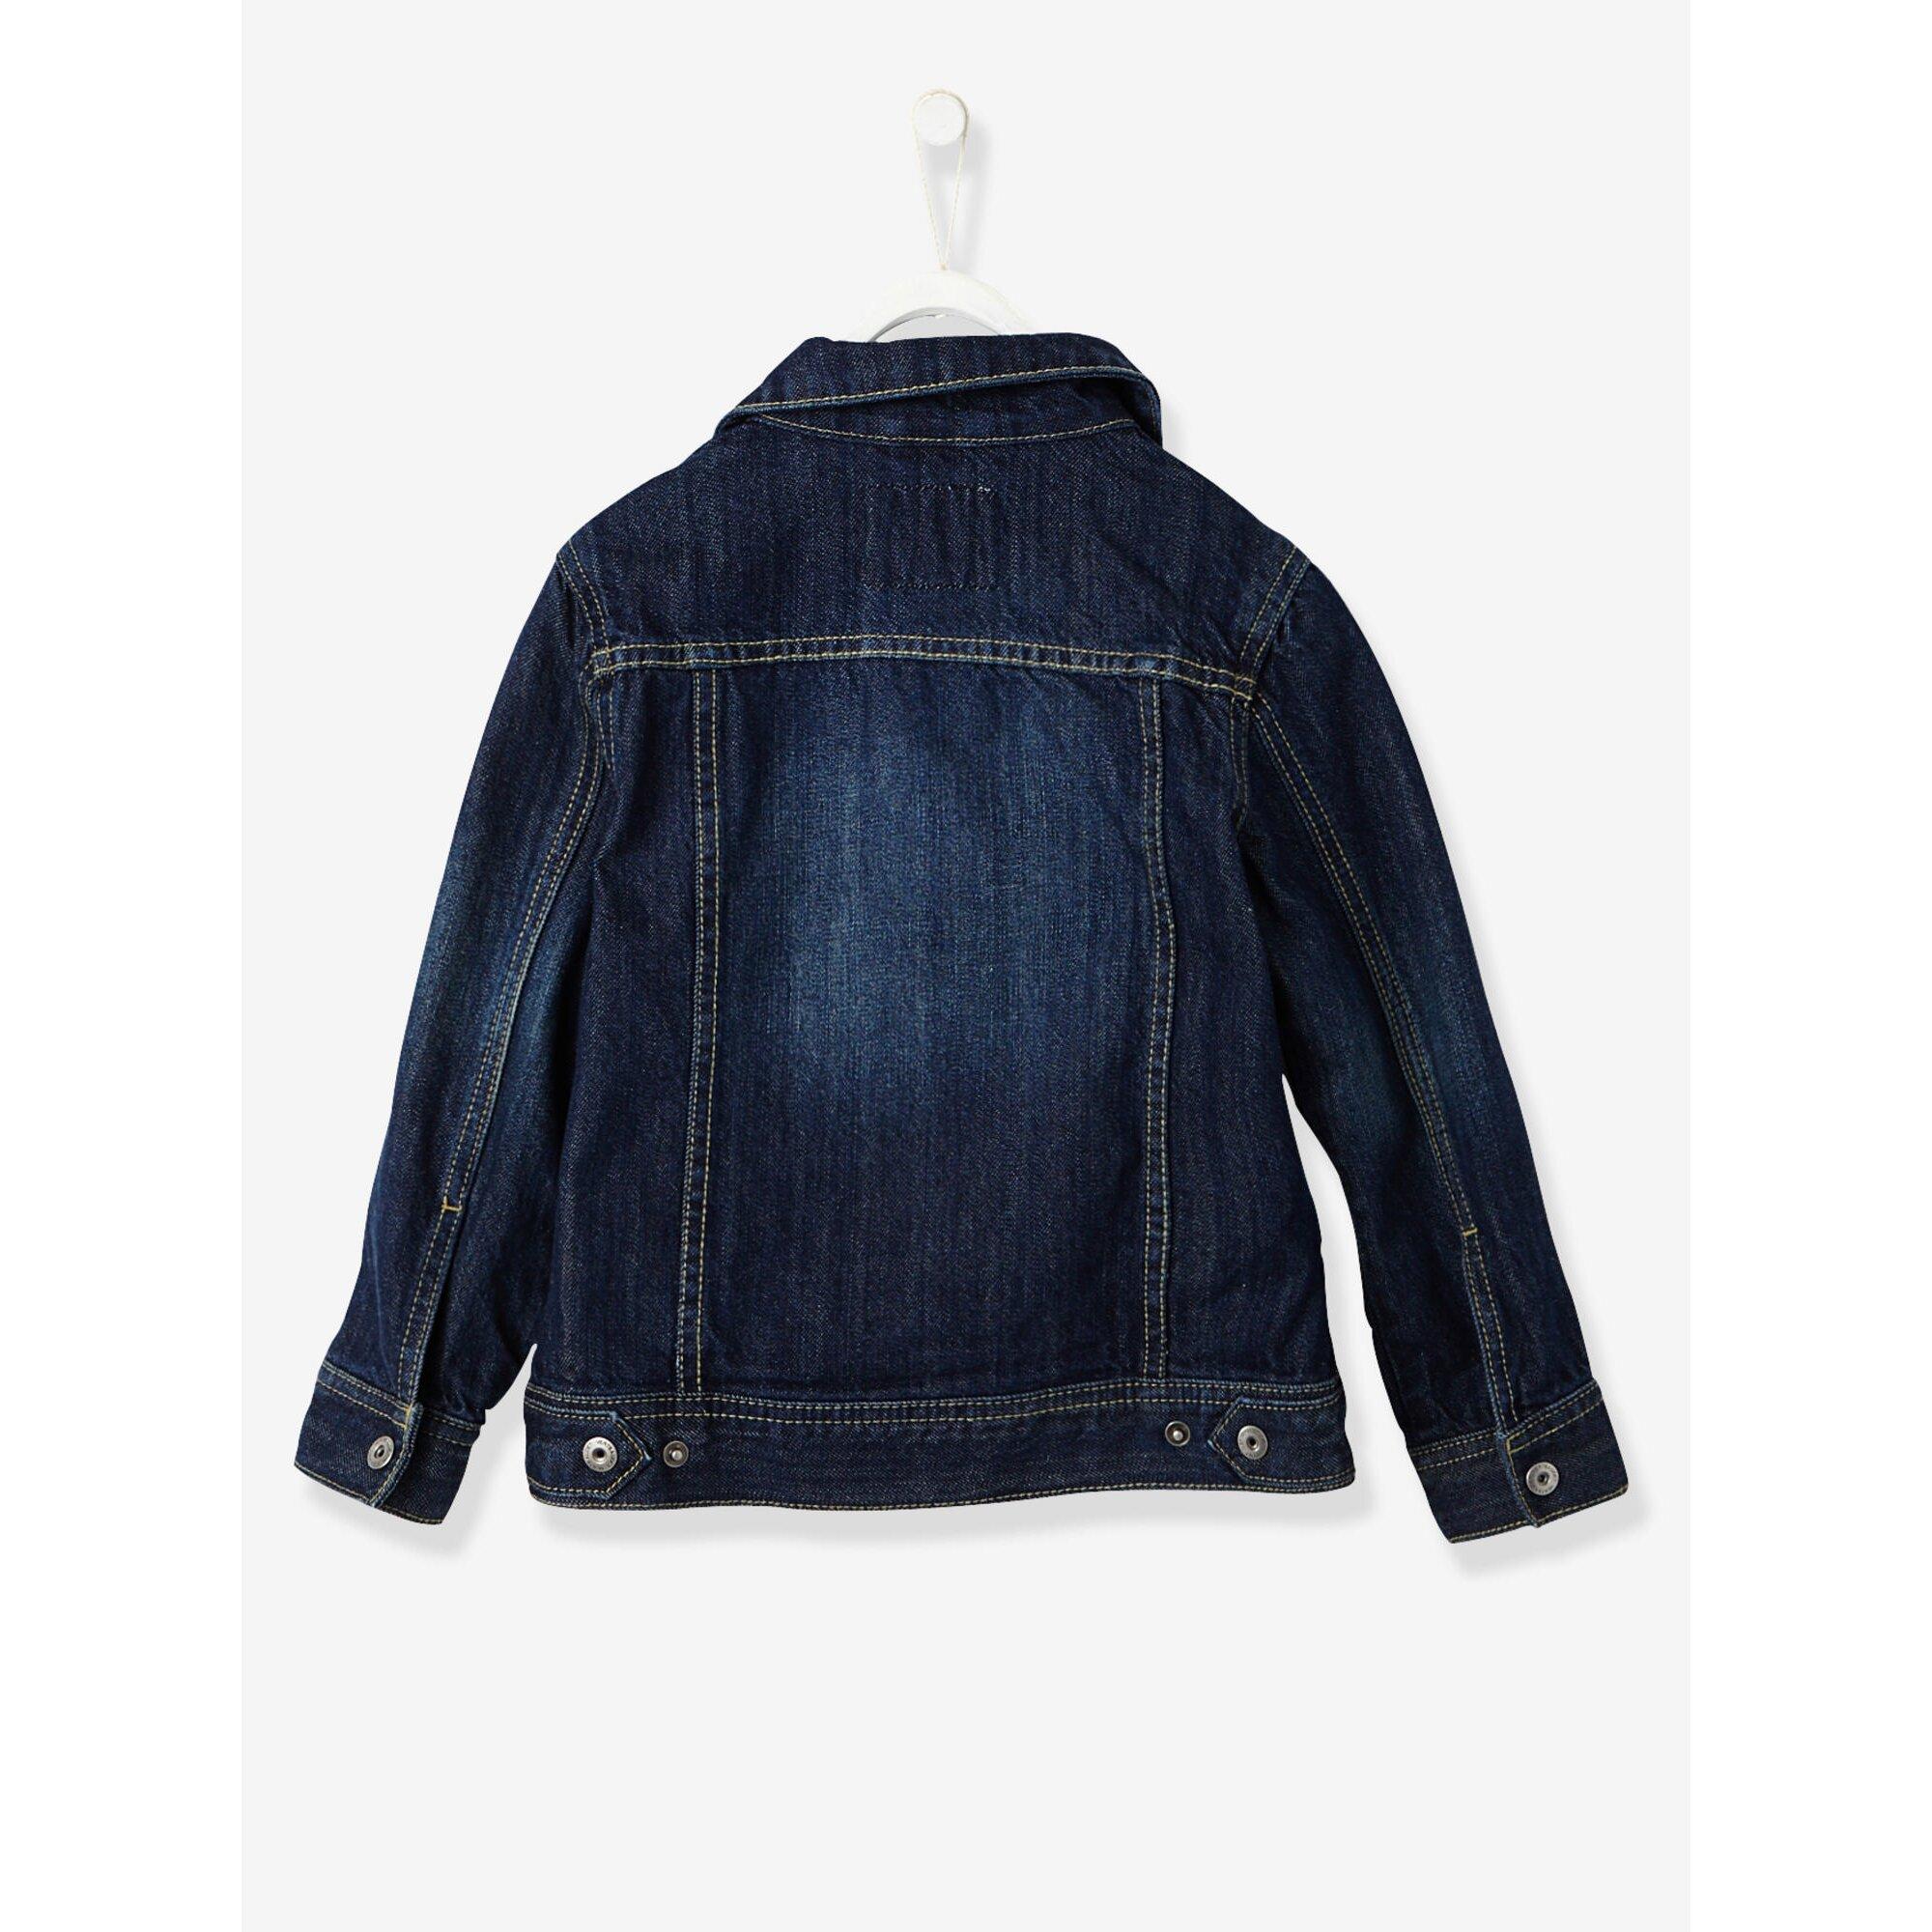 vertbaudet-jeansjacke-fur-jungen-washed-out-effekte, 25.99 EUR @ babywalz-de